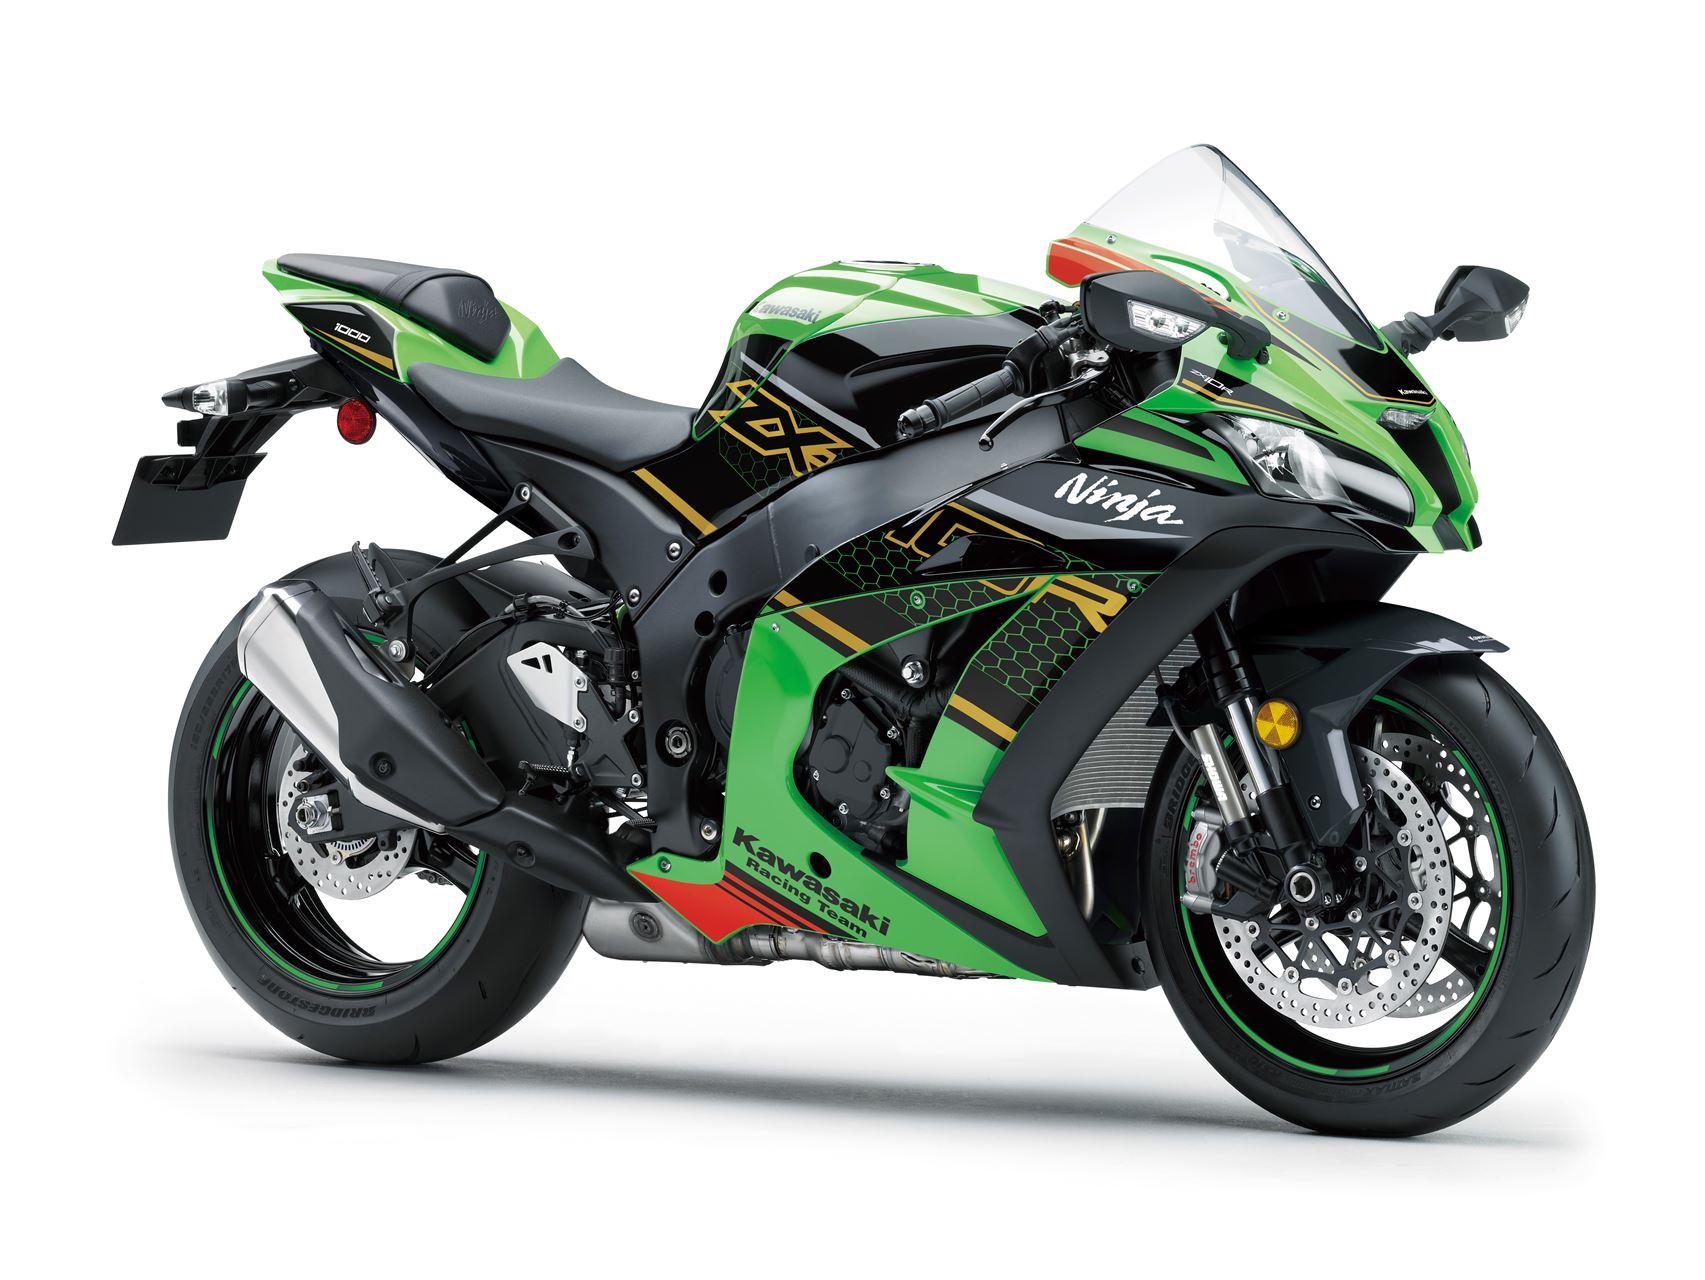 Kawasaki Apresenta Novas Cores De Varios Modelos Para 2020 Motonews Andar De Moto Brasil